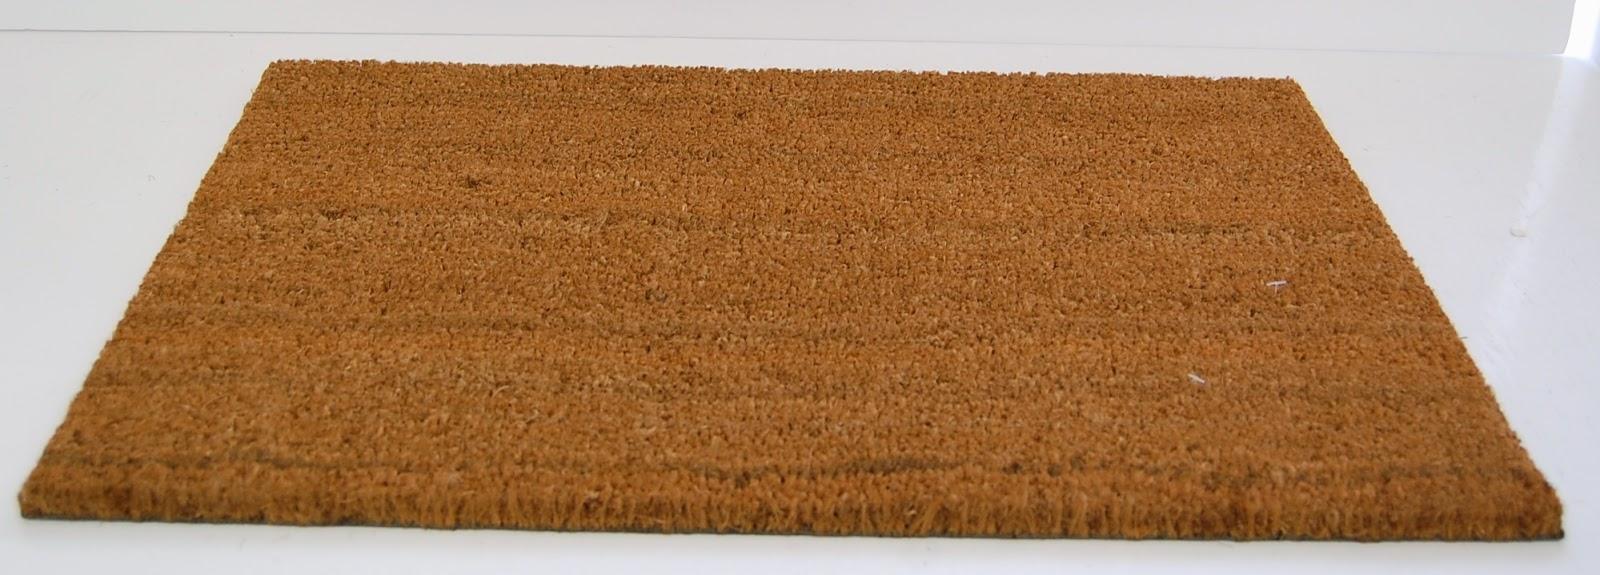 Handmade diy stencilled door mat craft project for Door mats argos